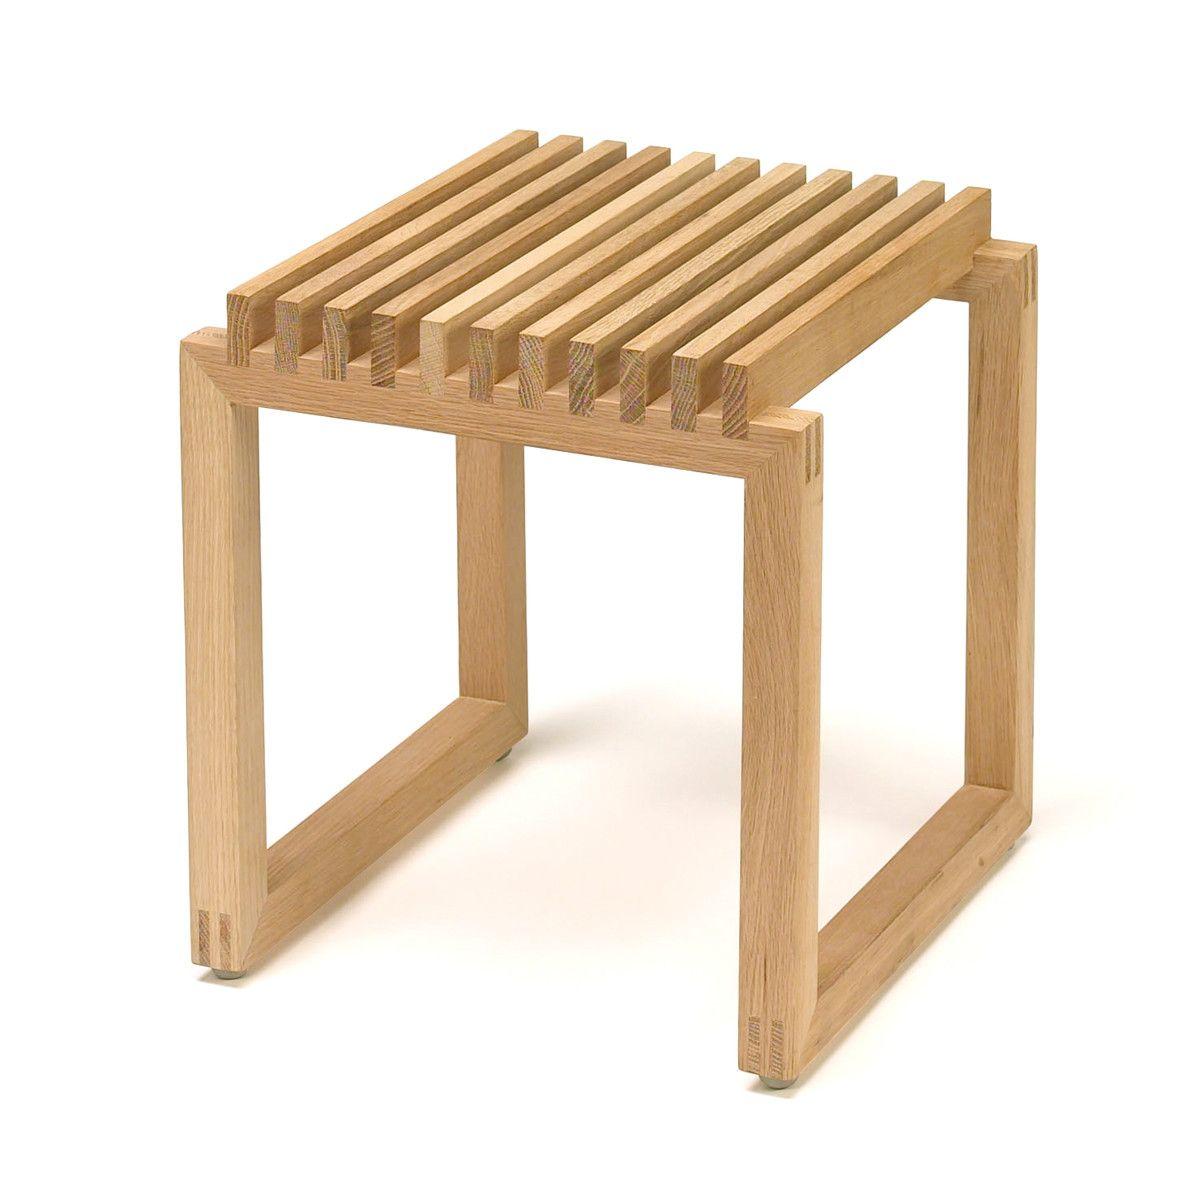 Skagerak Cutter Holz Hocker Eiche Eiche Natur T 40 H 43 B 40 Online Kaufen Bei Hocker Holz Holzhocker Hocker